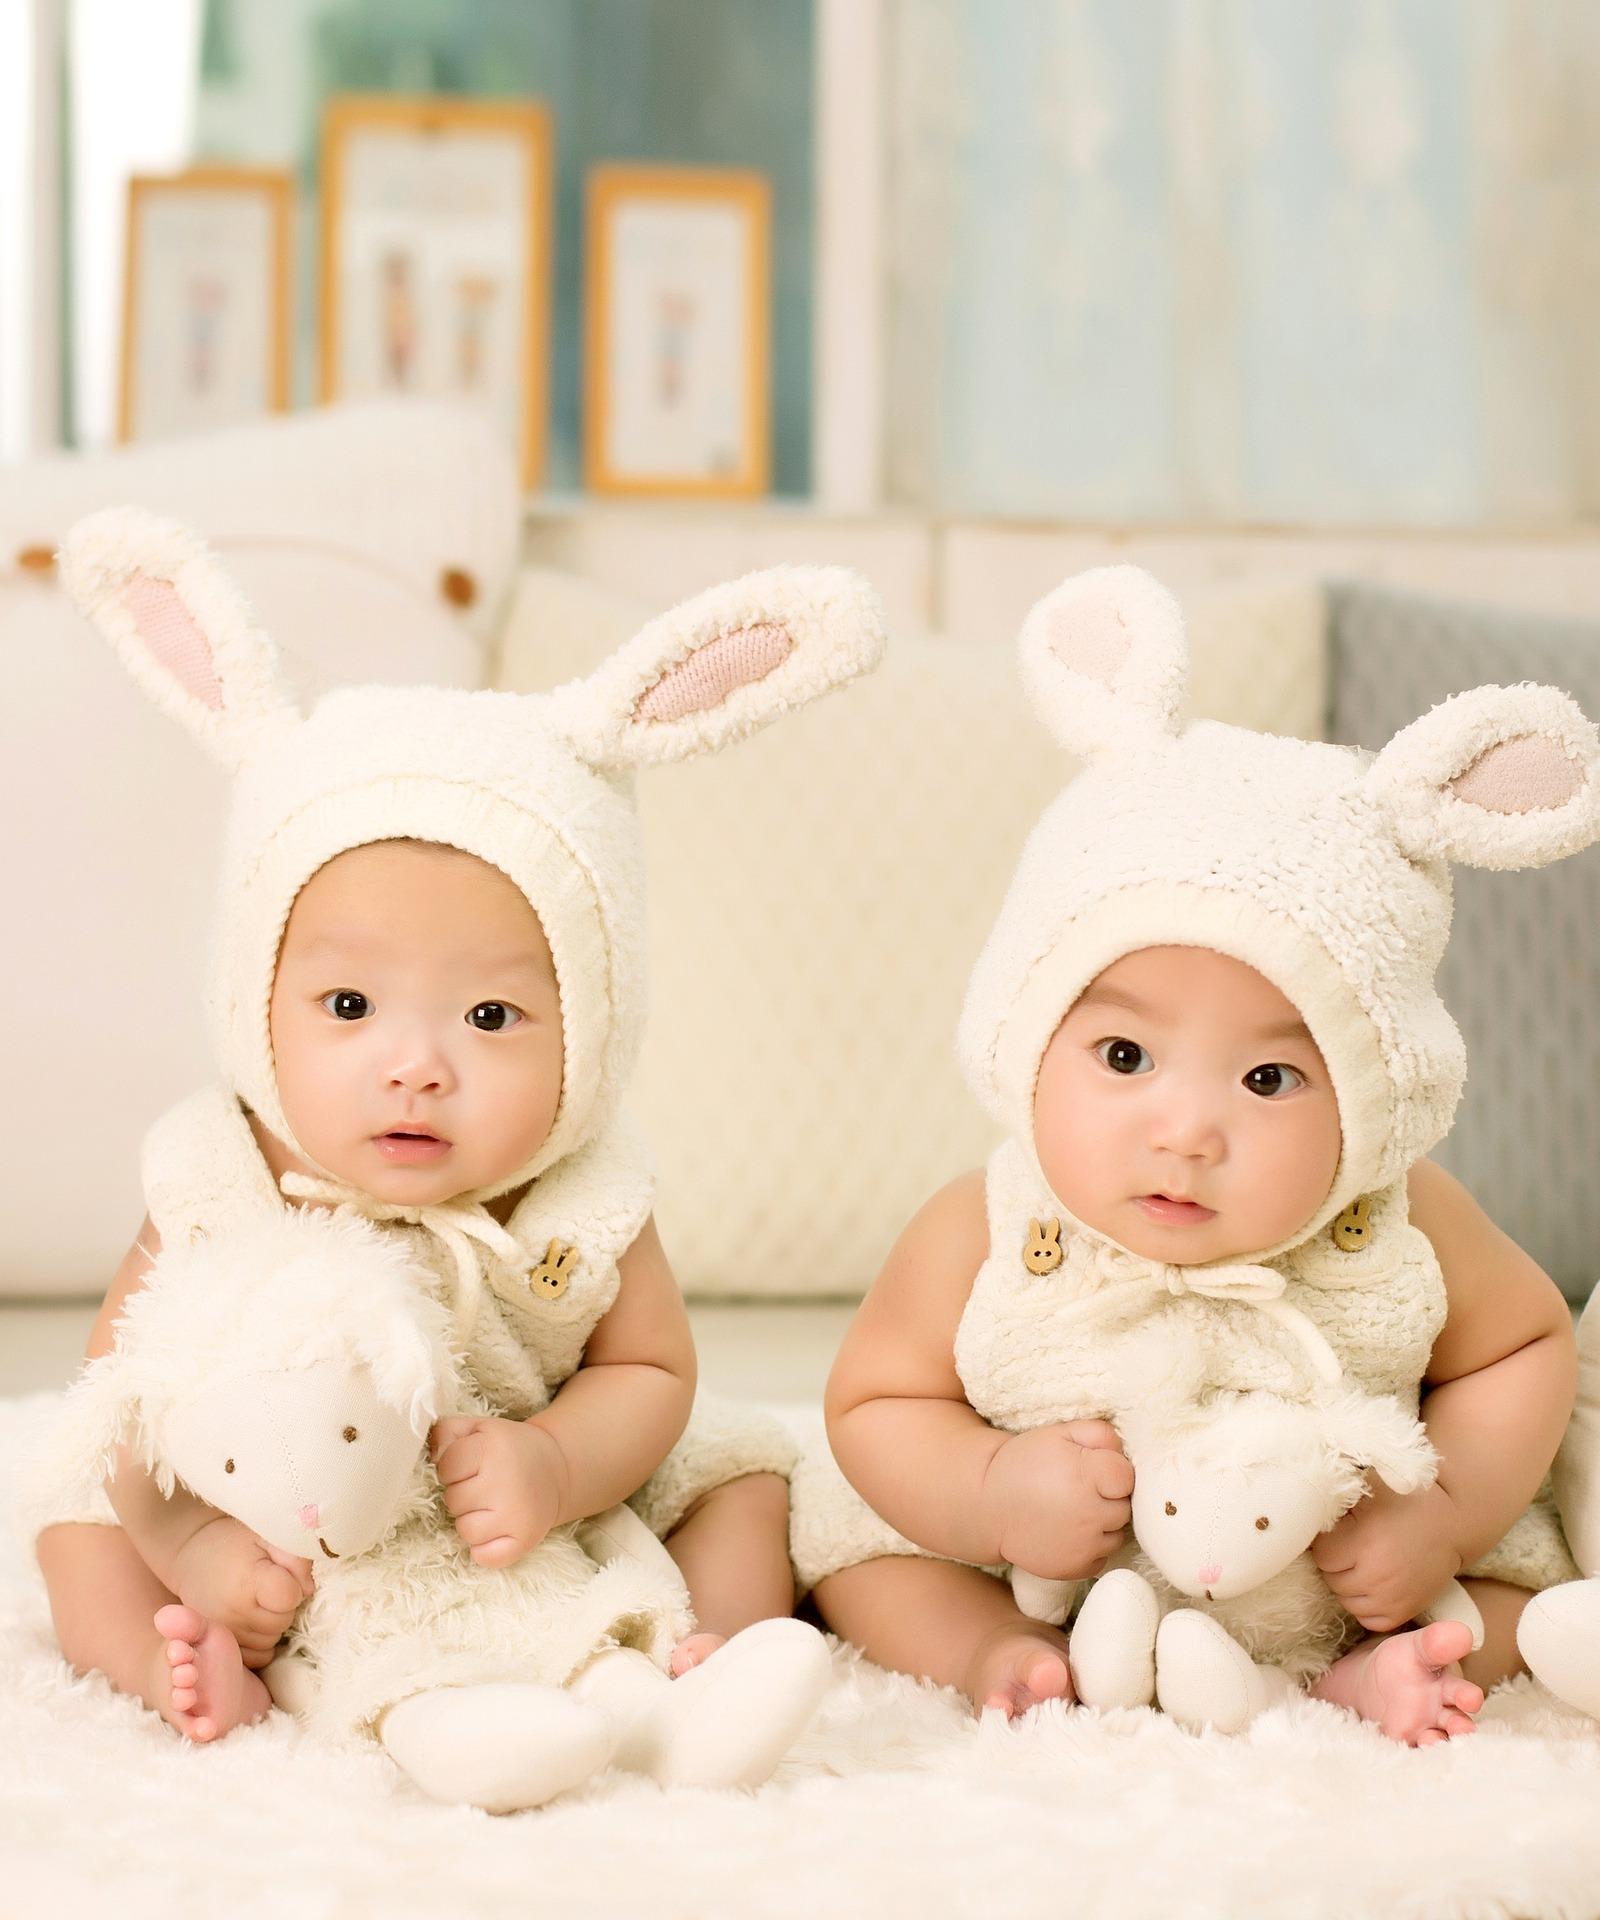 【北京三院试管婴儿费用】_试管婴儿的利与弊